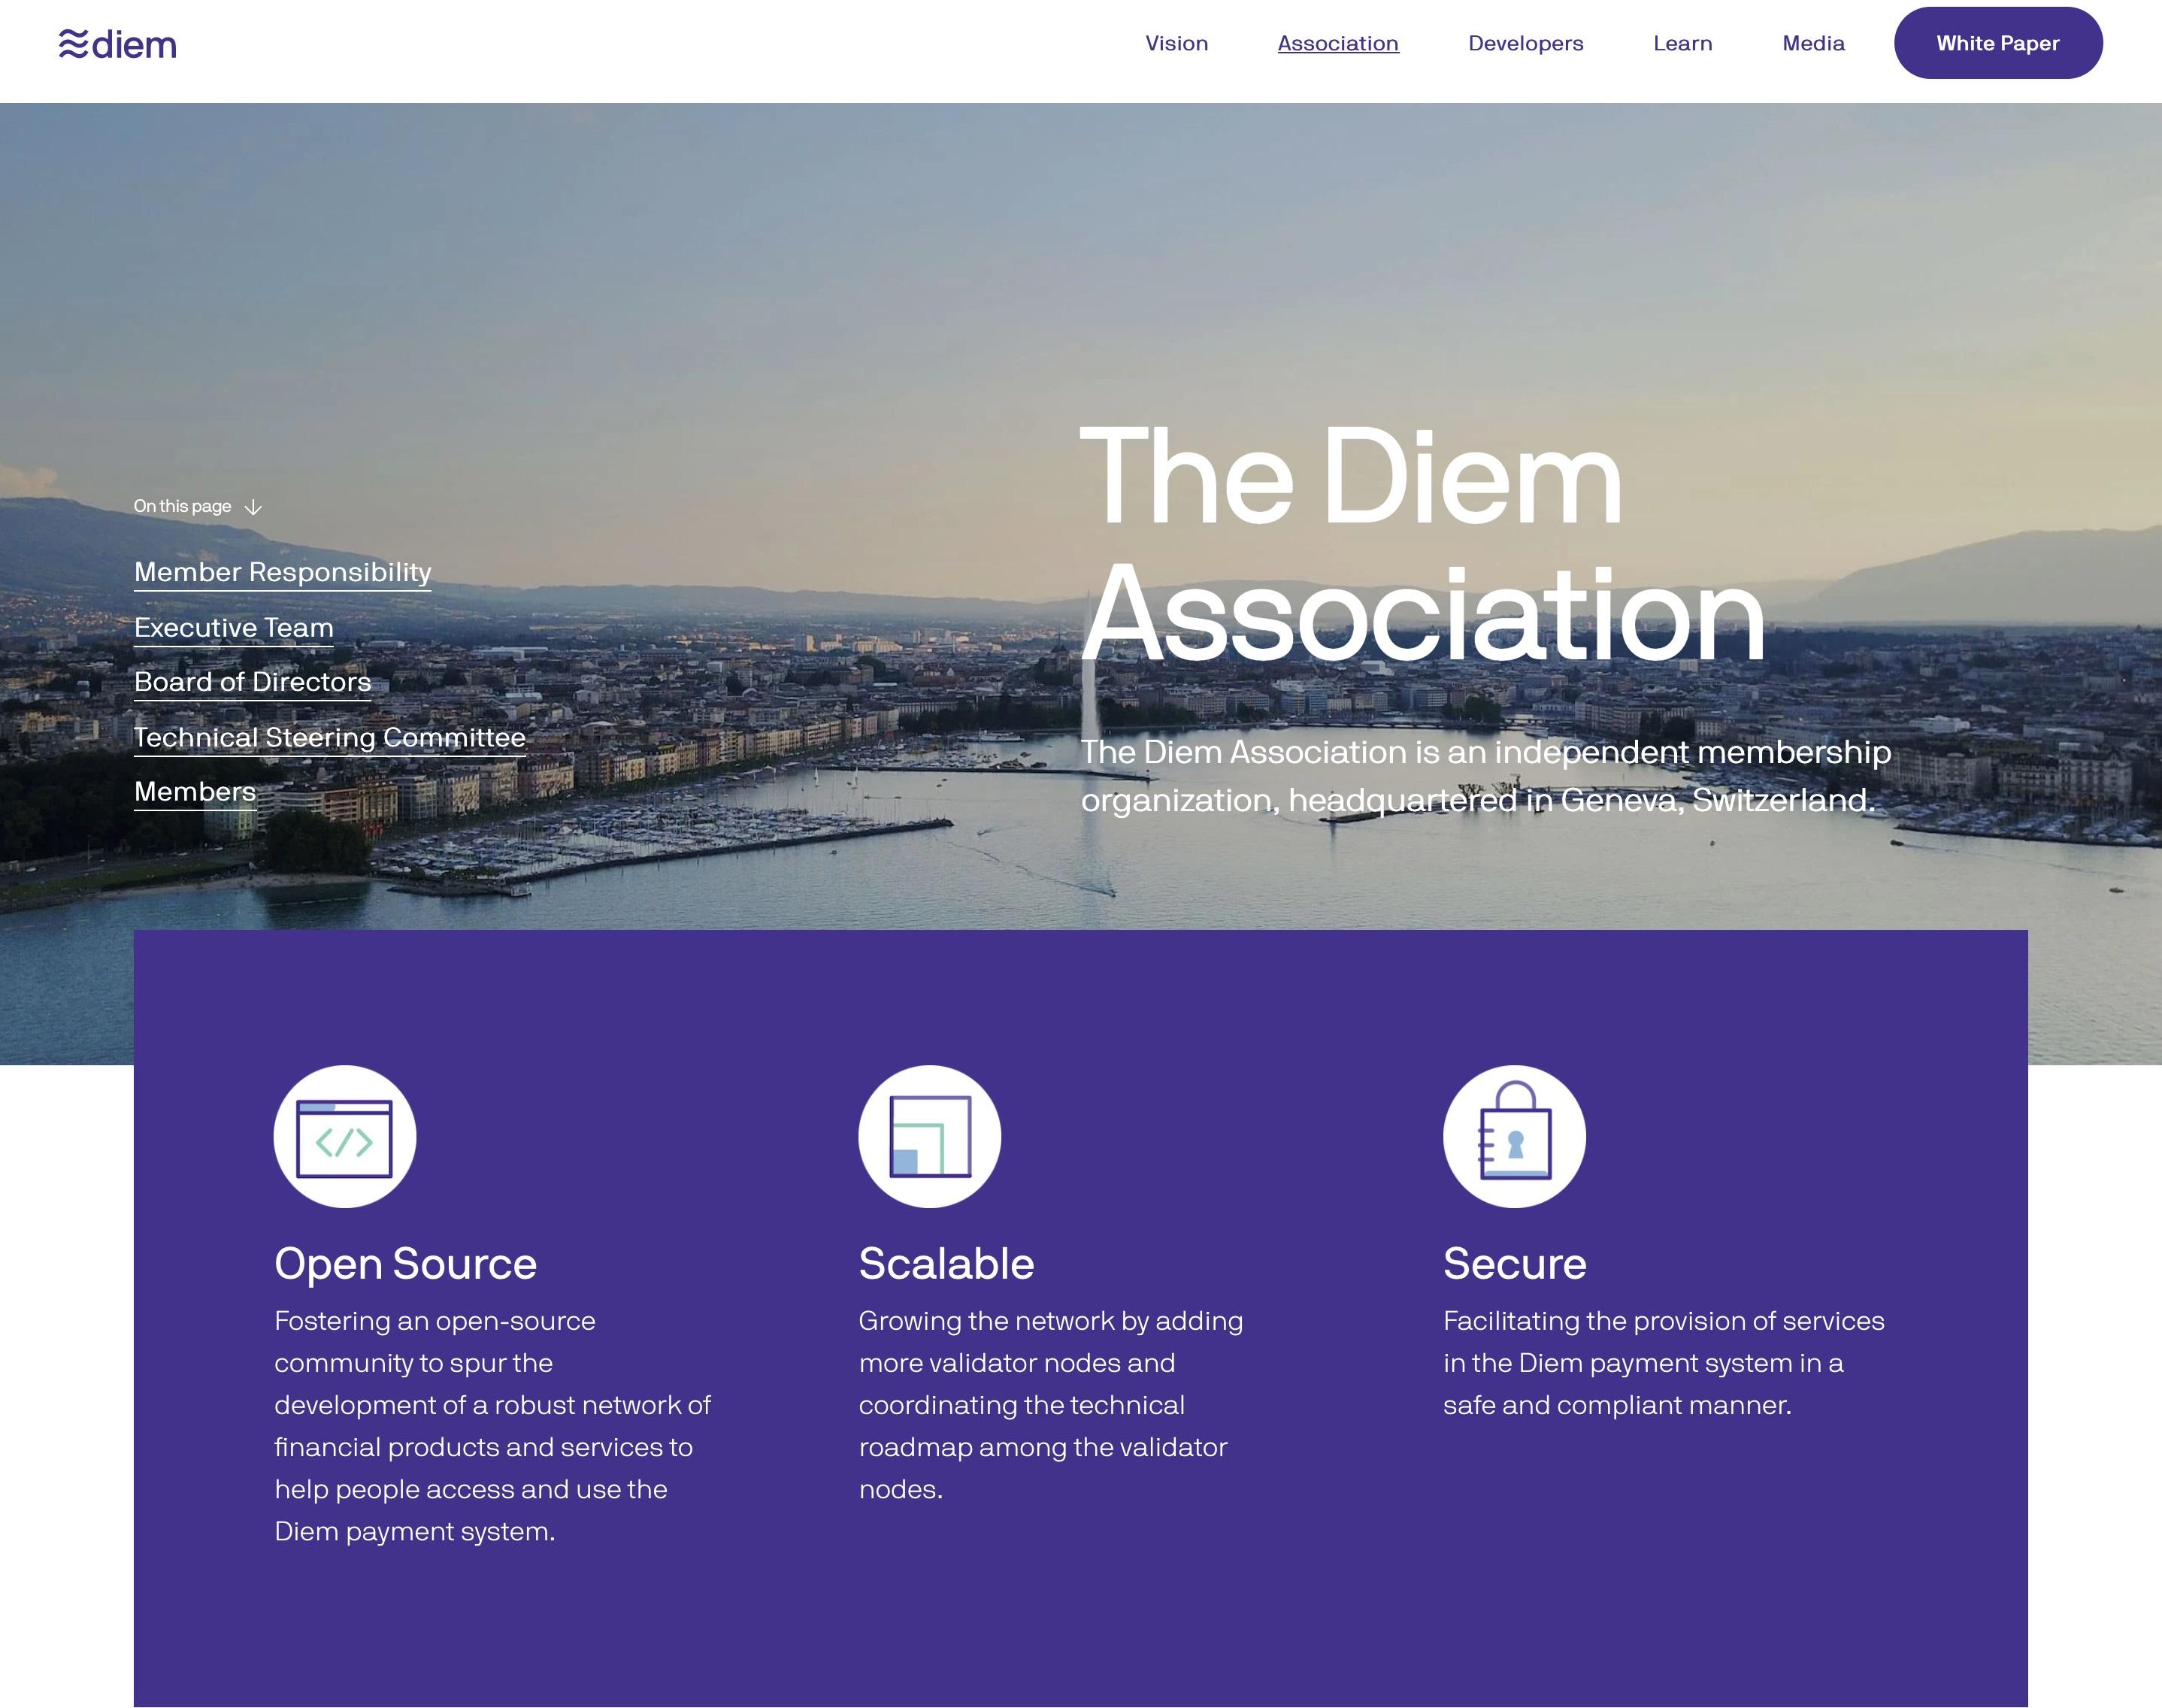 名称変更後「Diem協会」となった旧Libra協会のHP